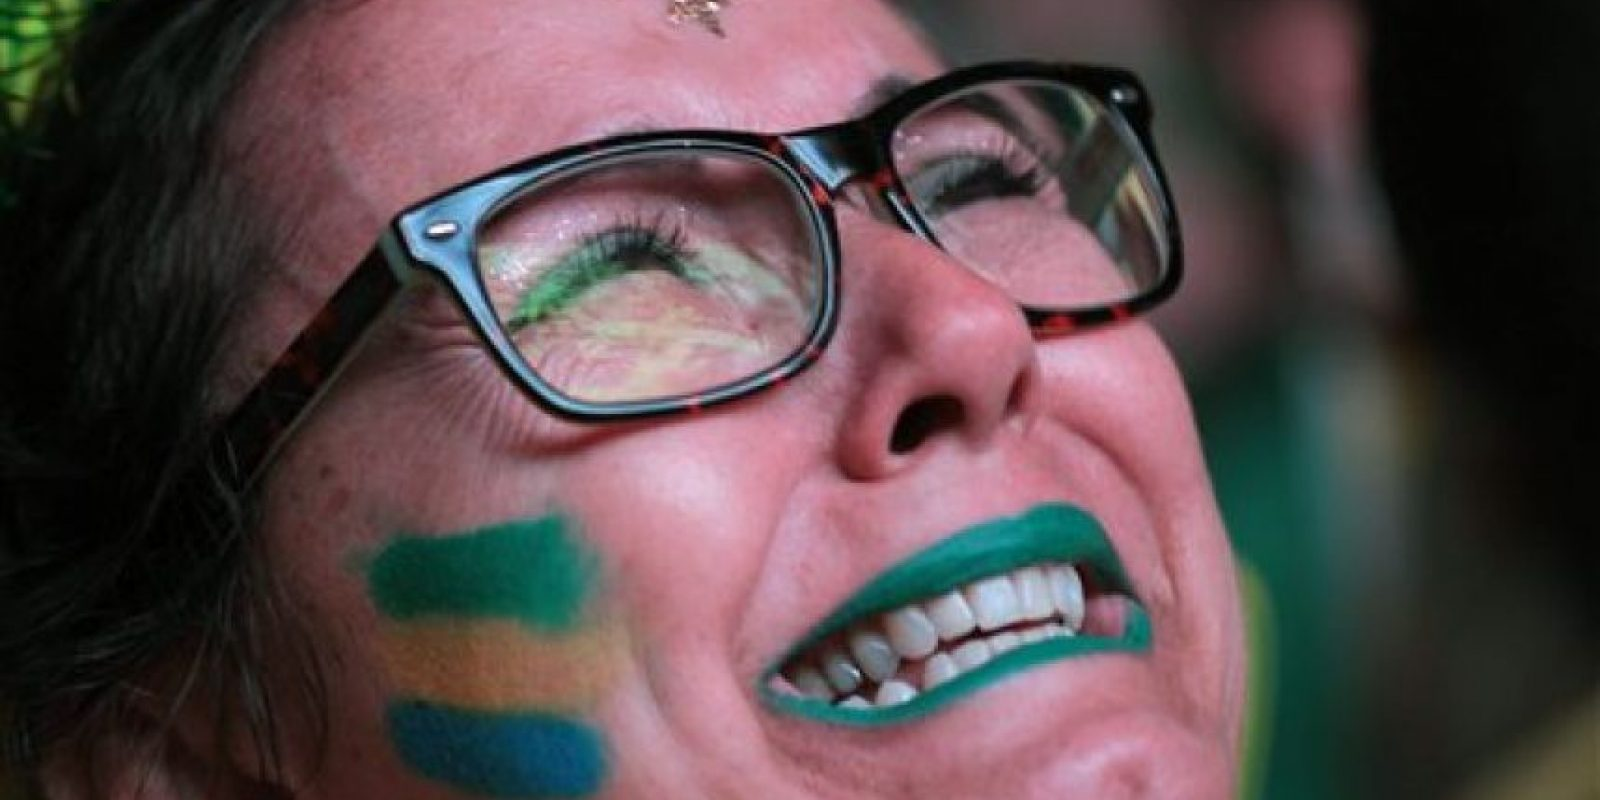 La jefa de Estado brasileña dejo claro que no tiene nada que esconder. Foto:AP